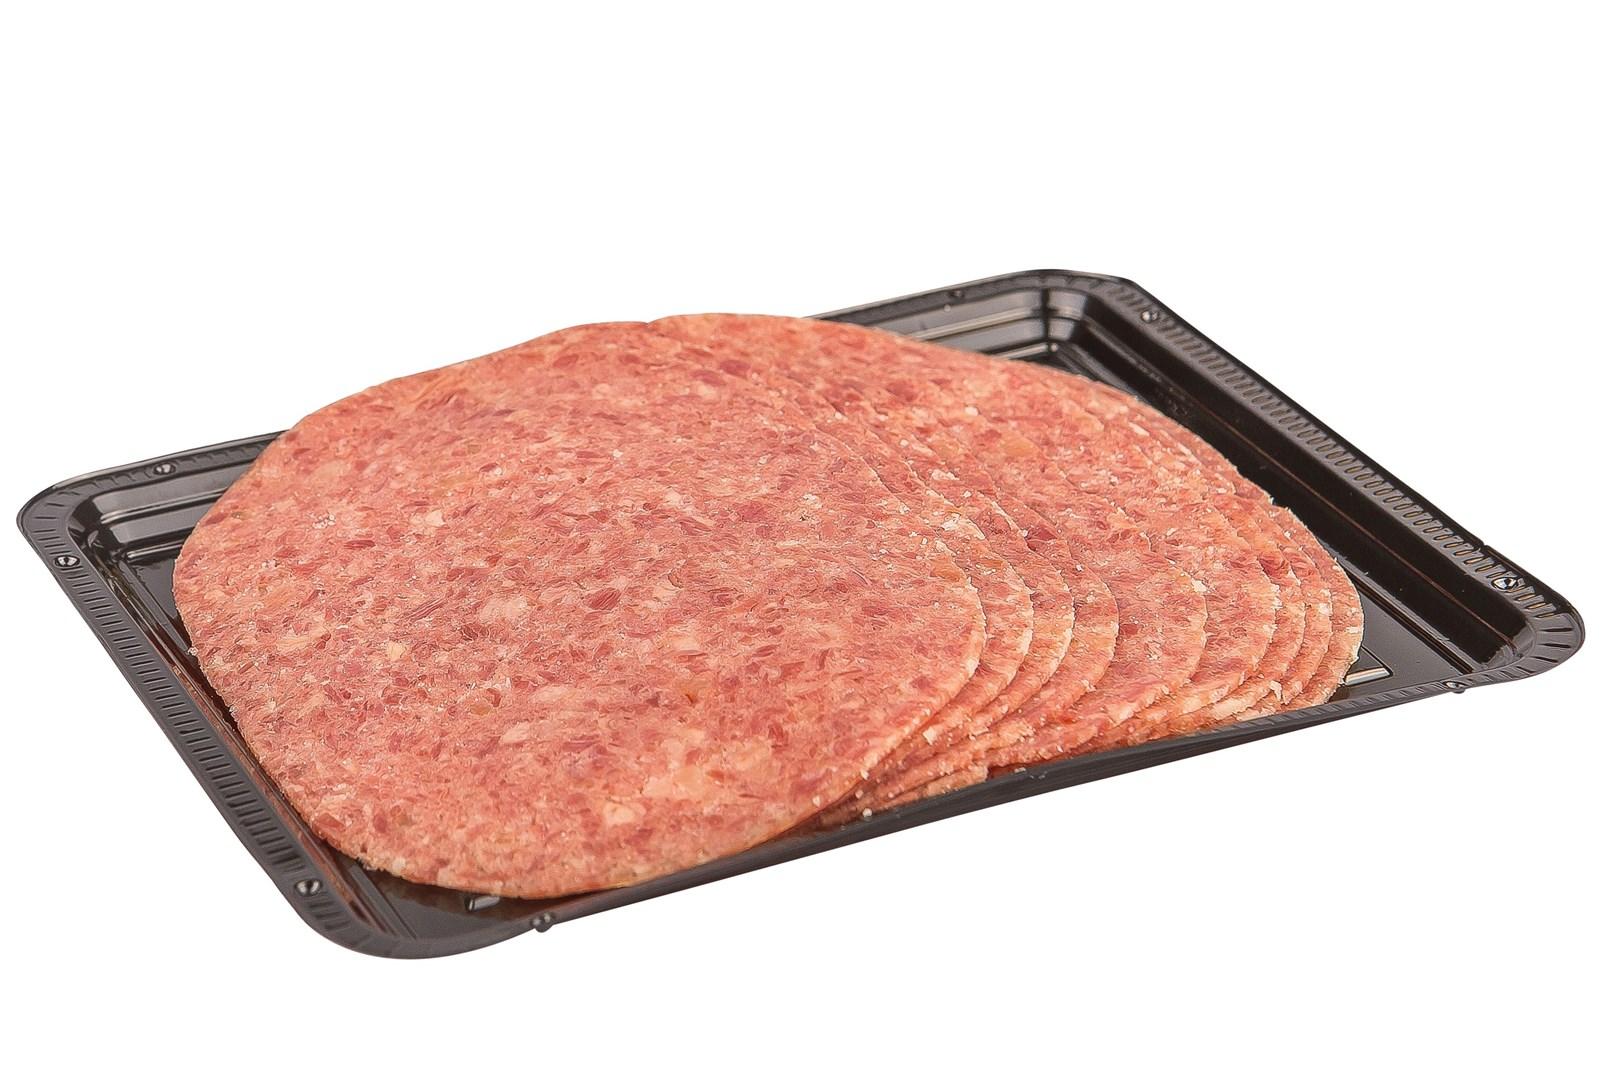 Productafbeelding Hollandsche corned beef 10 plaks